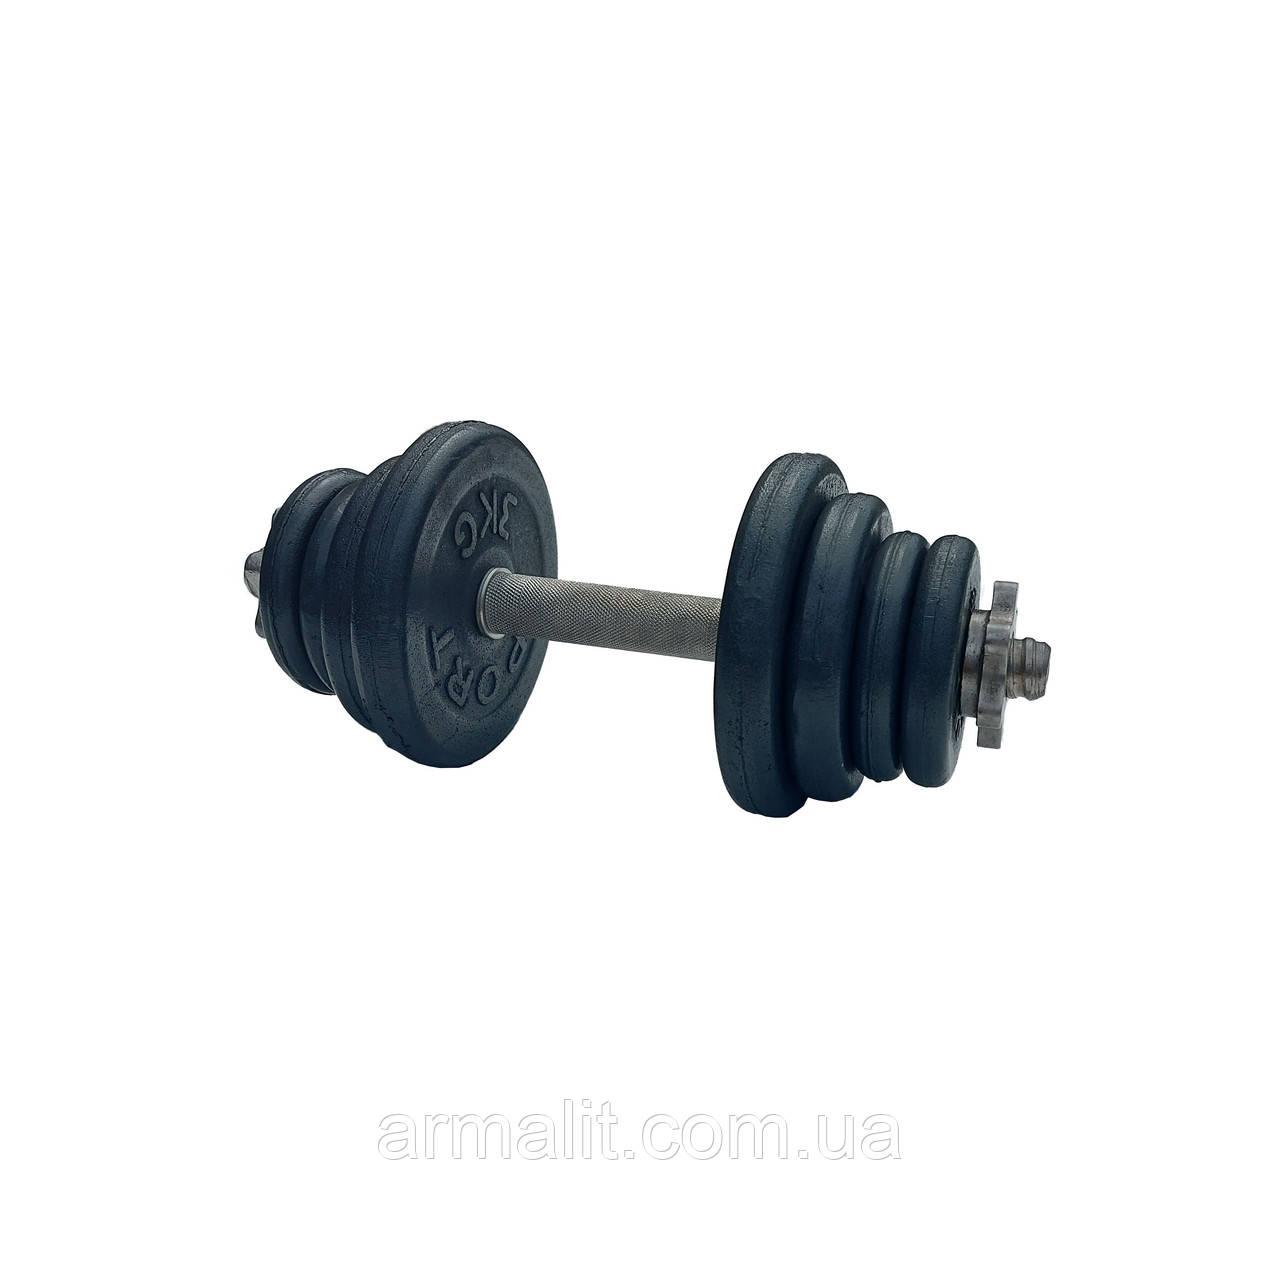 Гантель наборная АРМАЛІТ-2015 16 кг